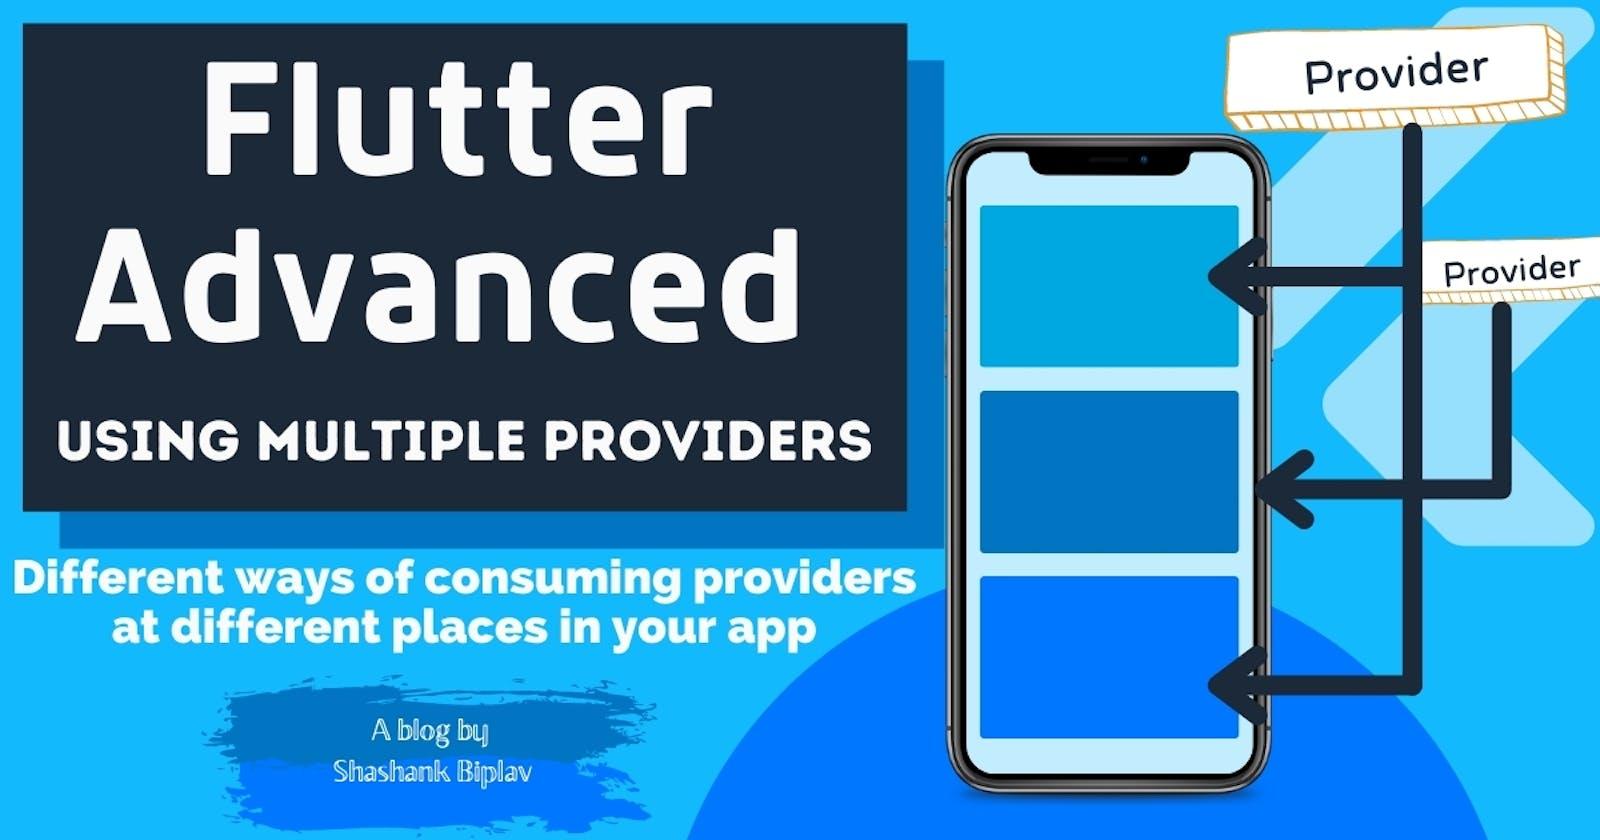 Flutter Advanced - Using Multiple Providers